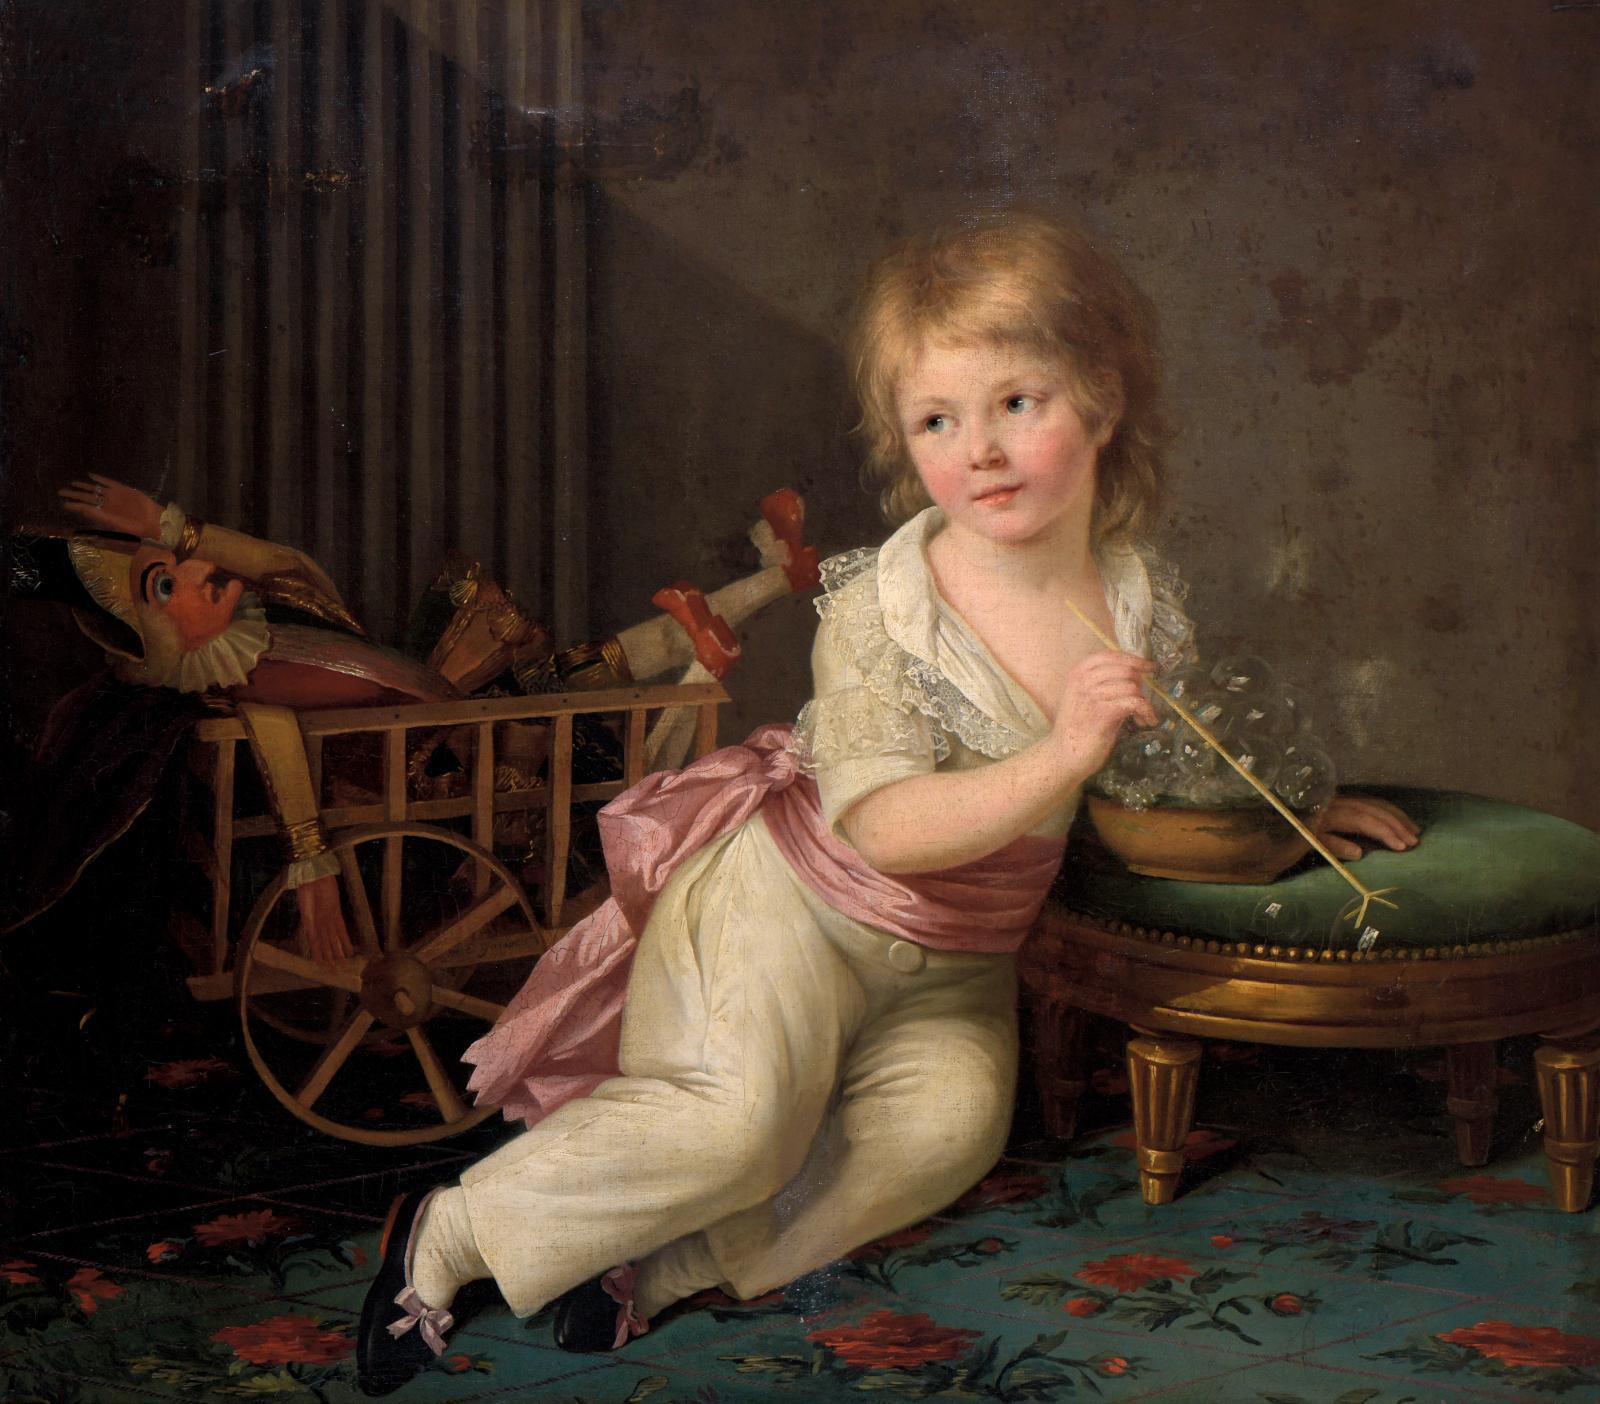 Marie-Élisabeth Lemoine (1761-1811), Portrait of a boy with a toy cart, blowing bubbles, 1791, oil on canvas, 80.5 x 90 cm (31.7 x 35.4 in